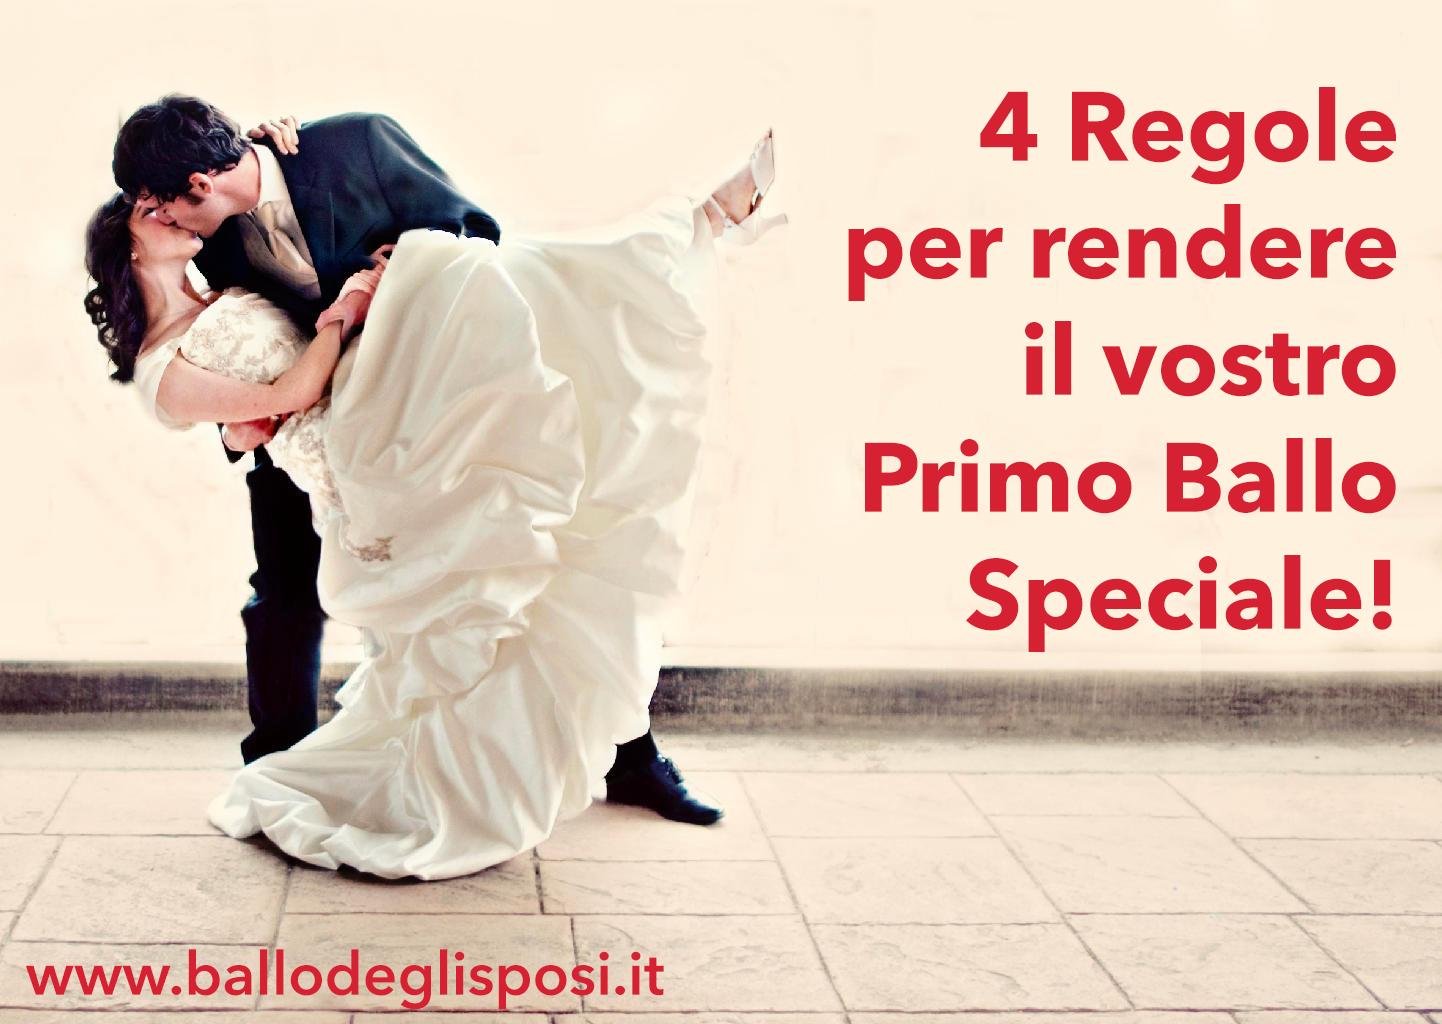 4 Regole per rendere il vostro Primo Ballo Speciale